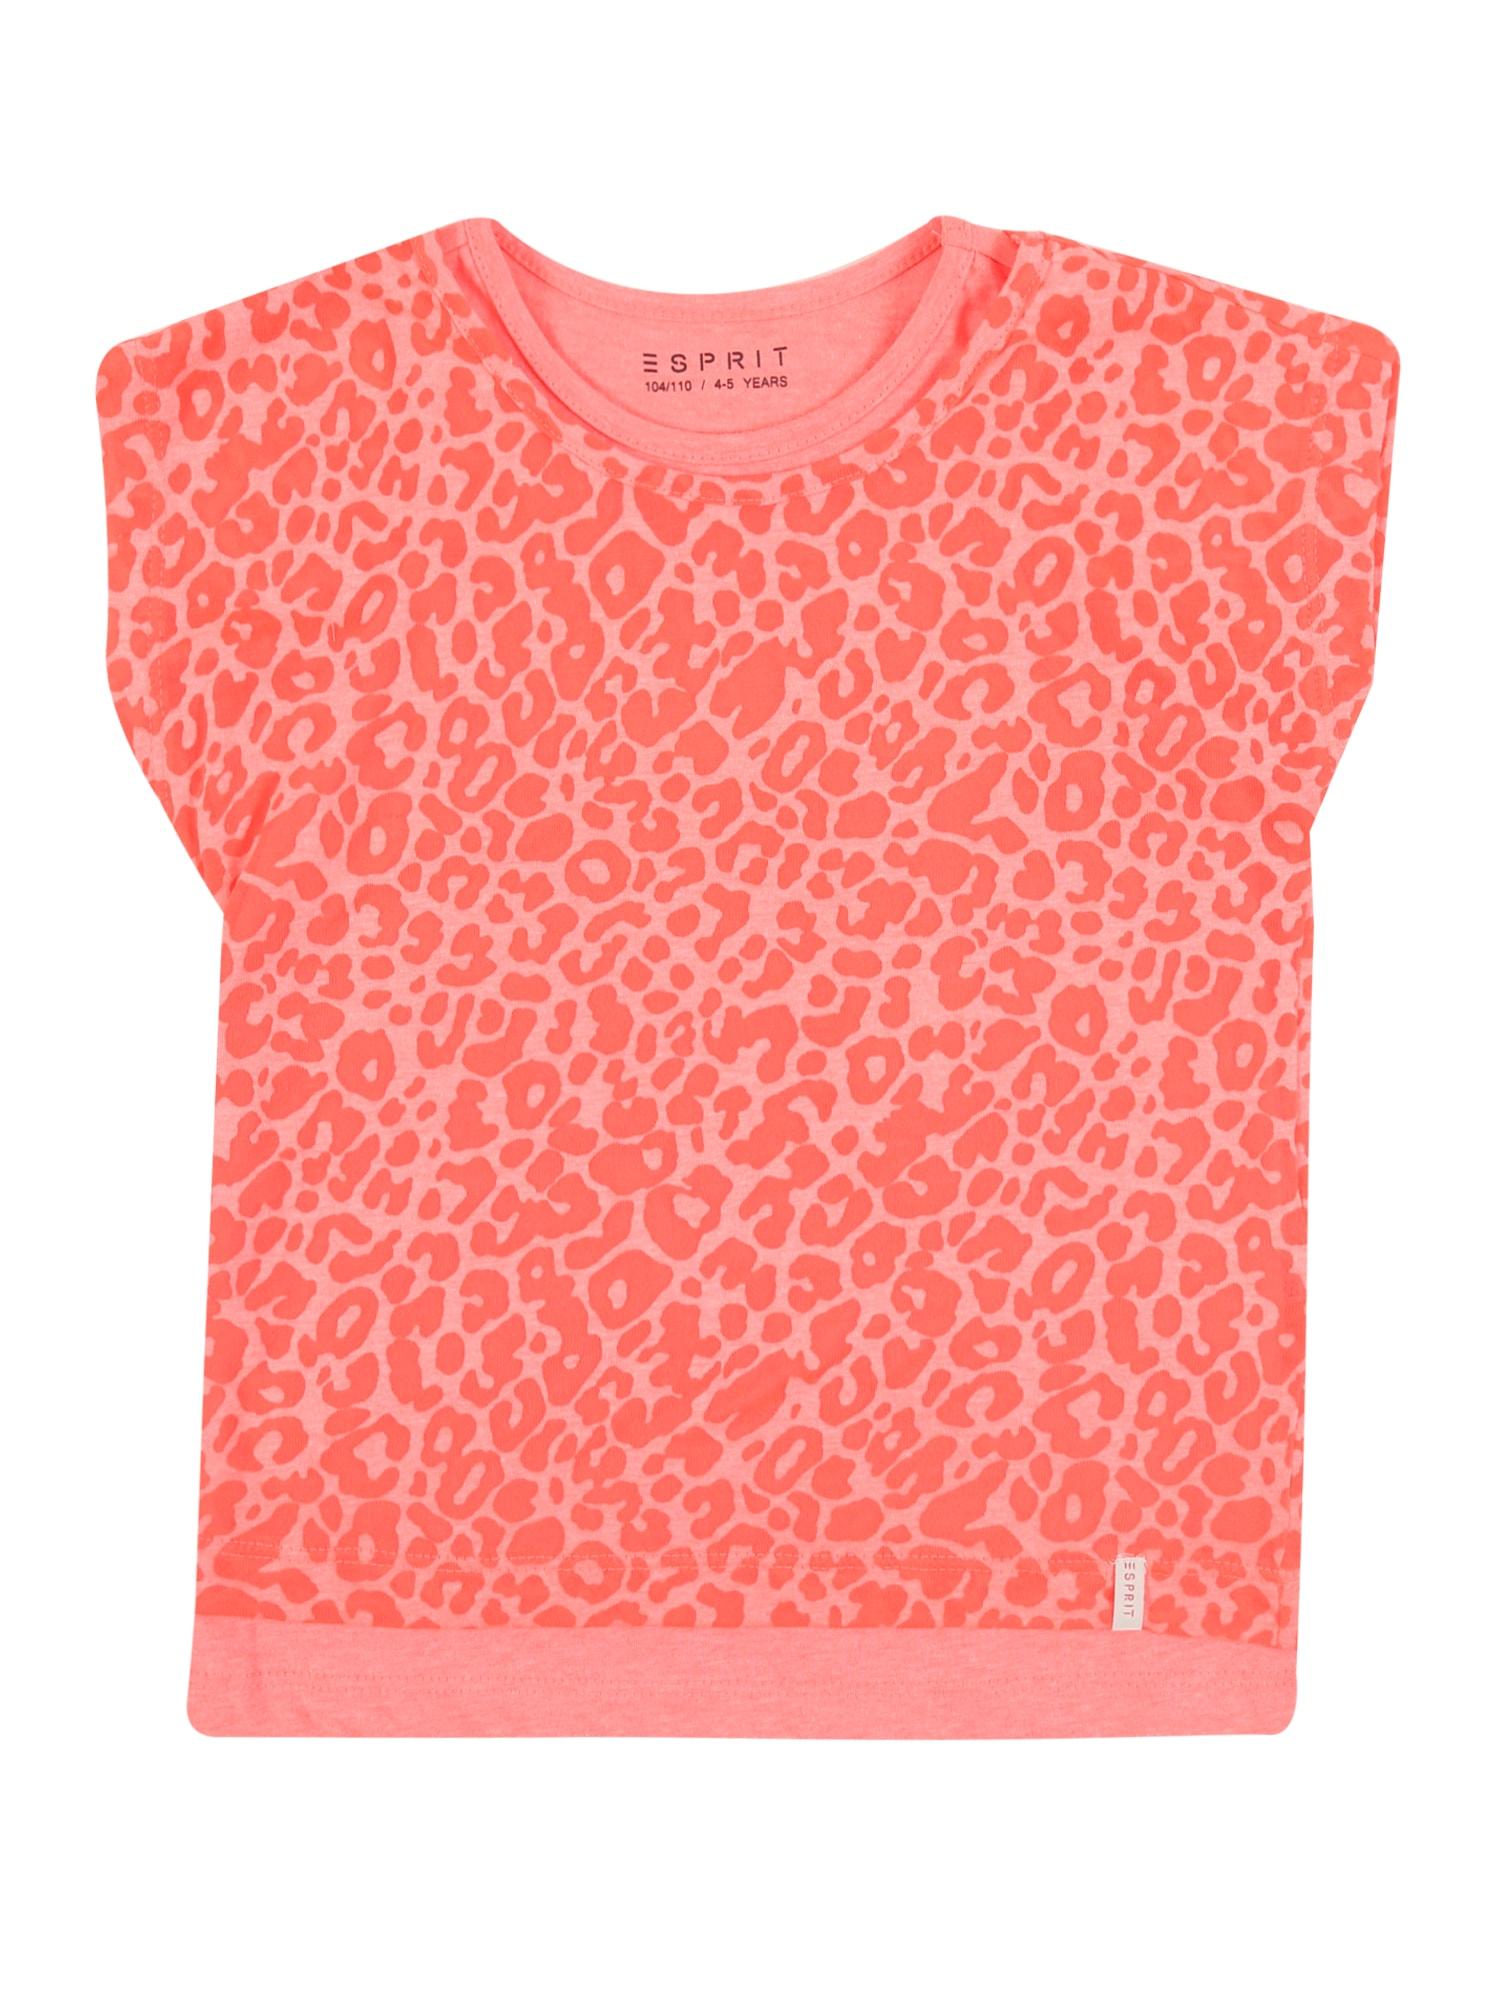 ESPRIT Marškinėliai 'RQ1044303' koralų splava